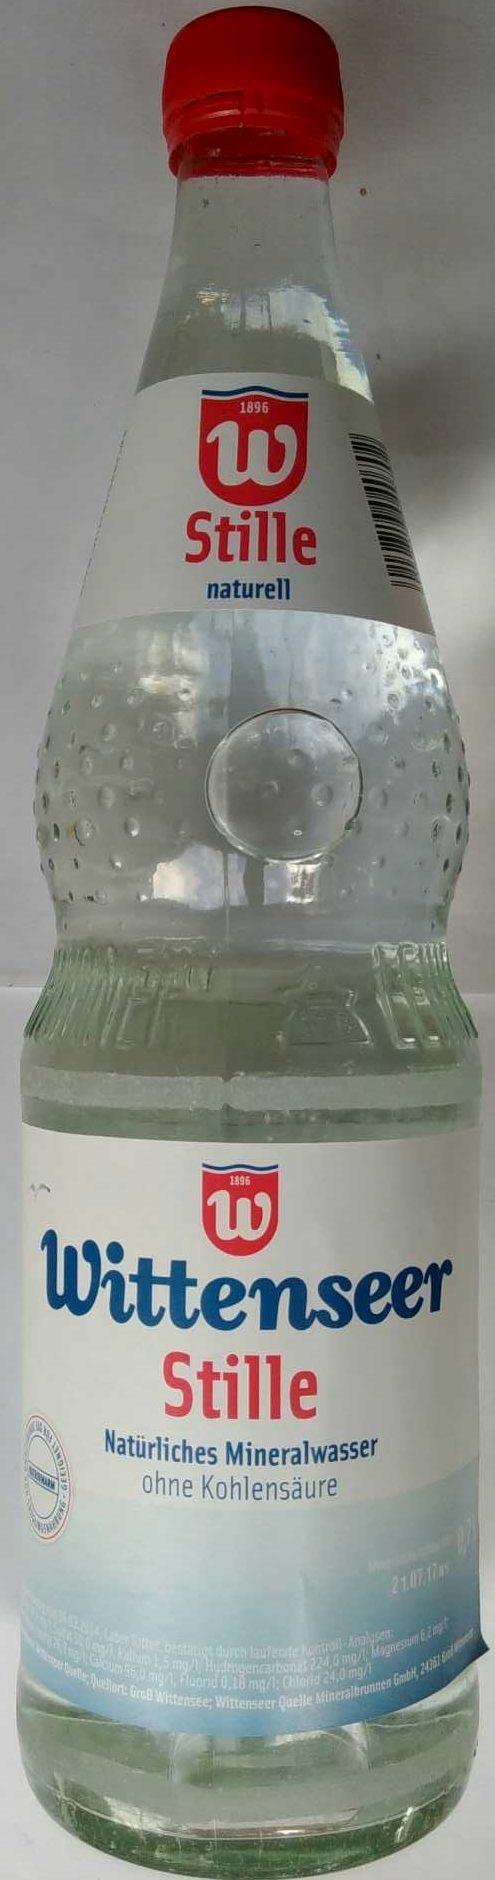 Wittenseer Stille - Produkt - de